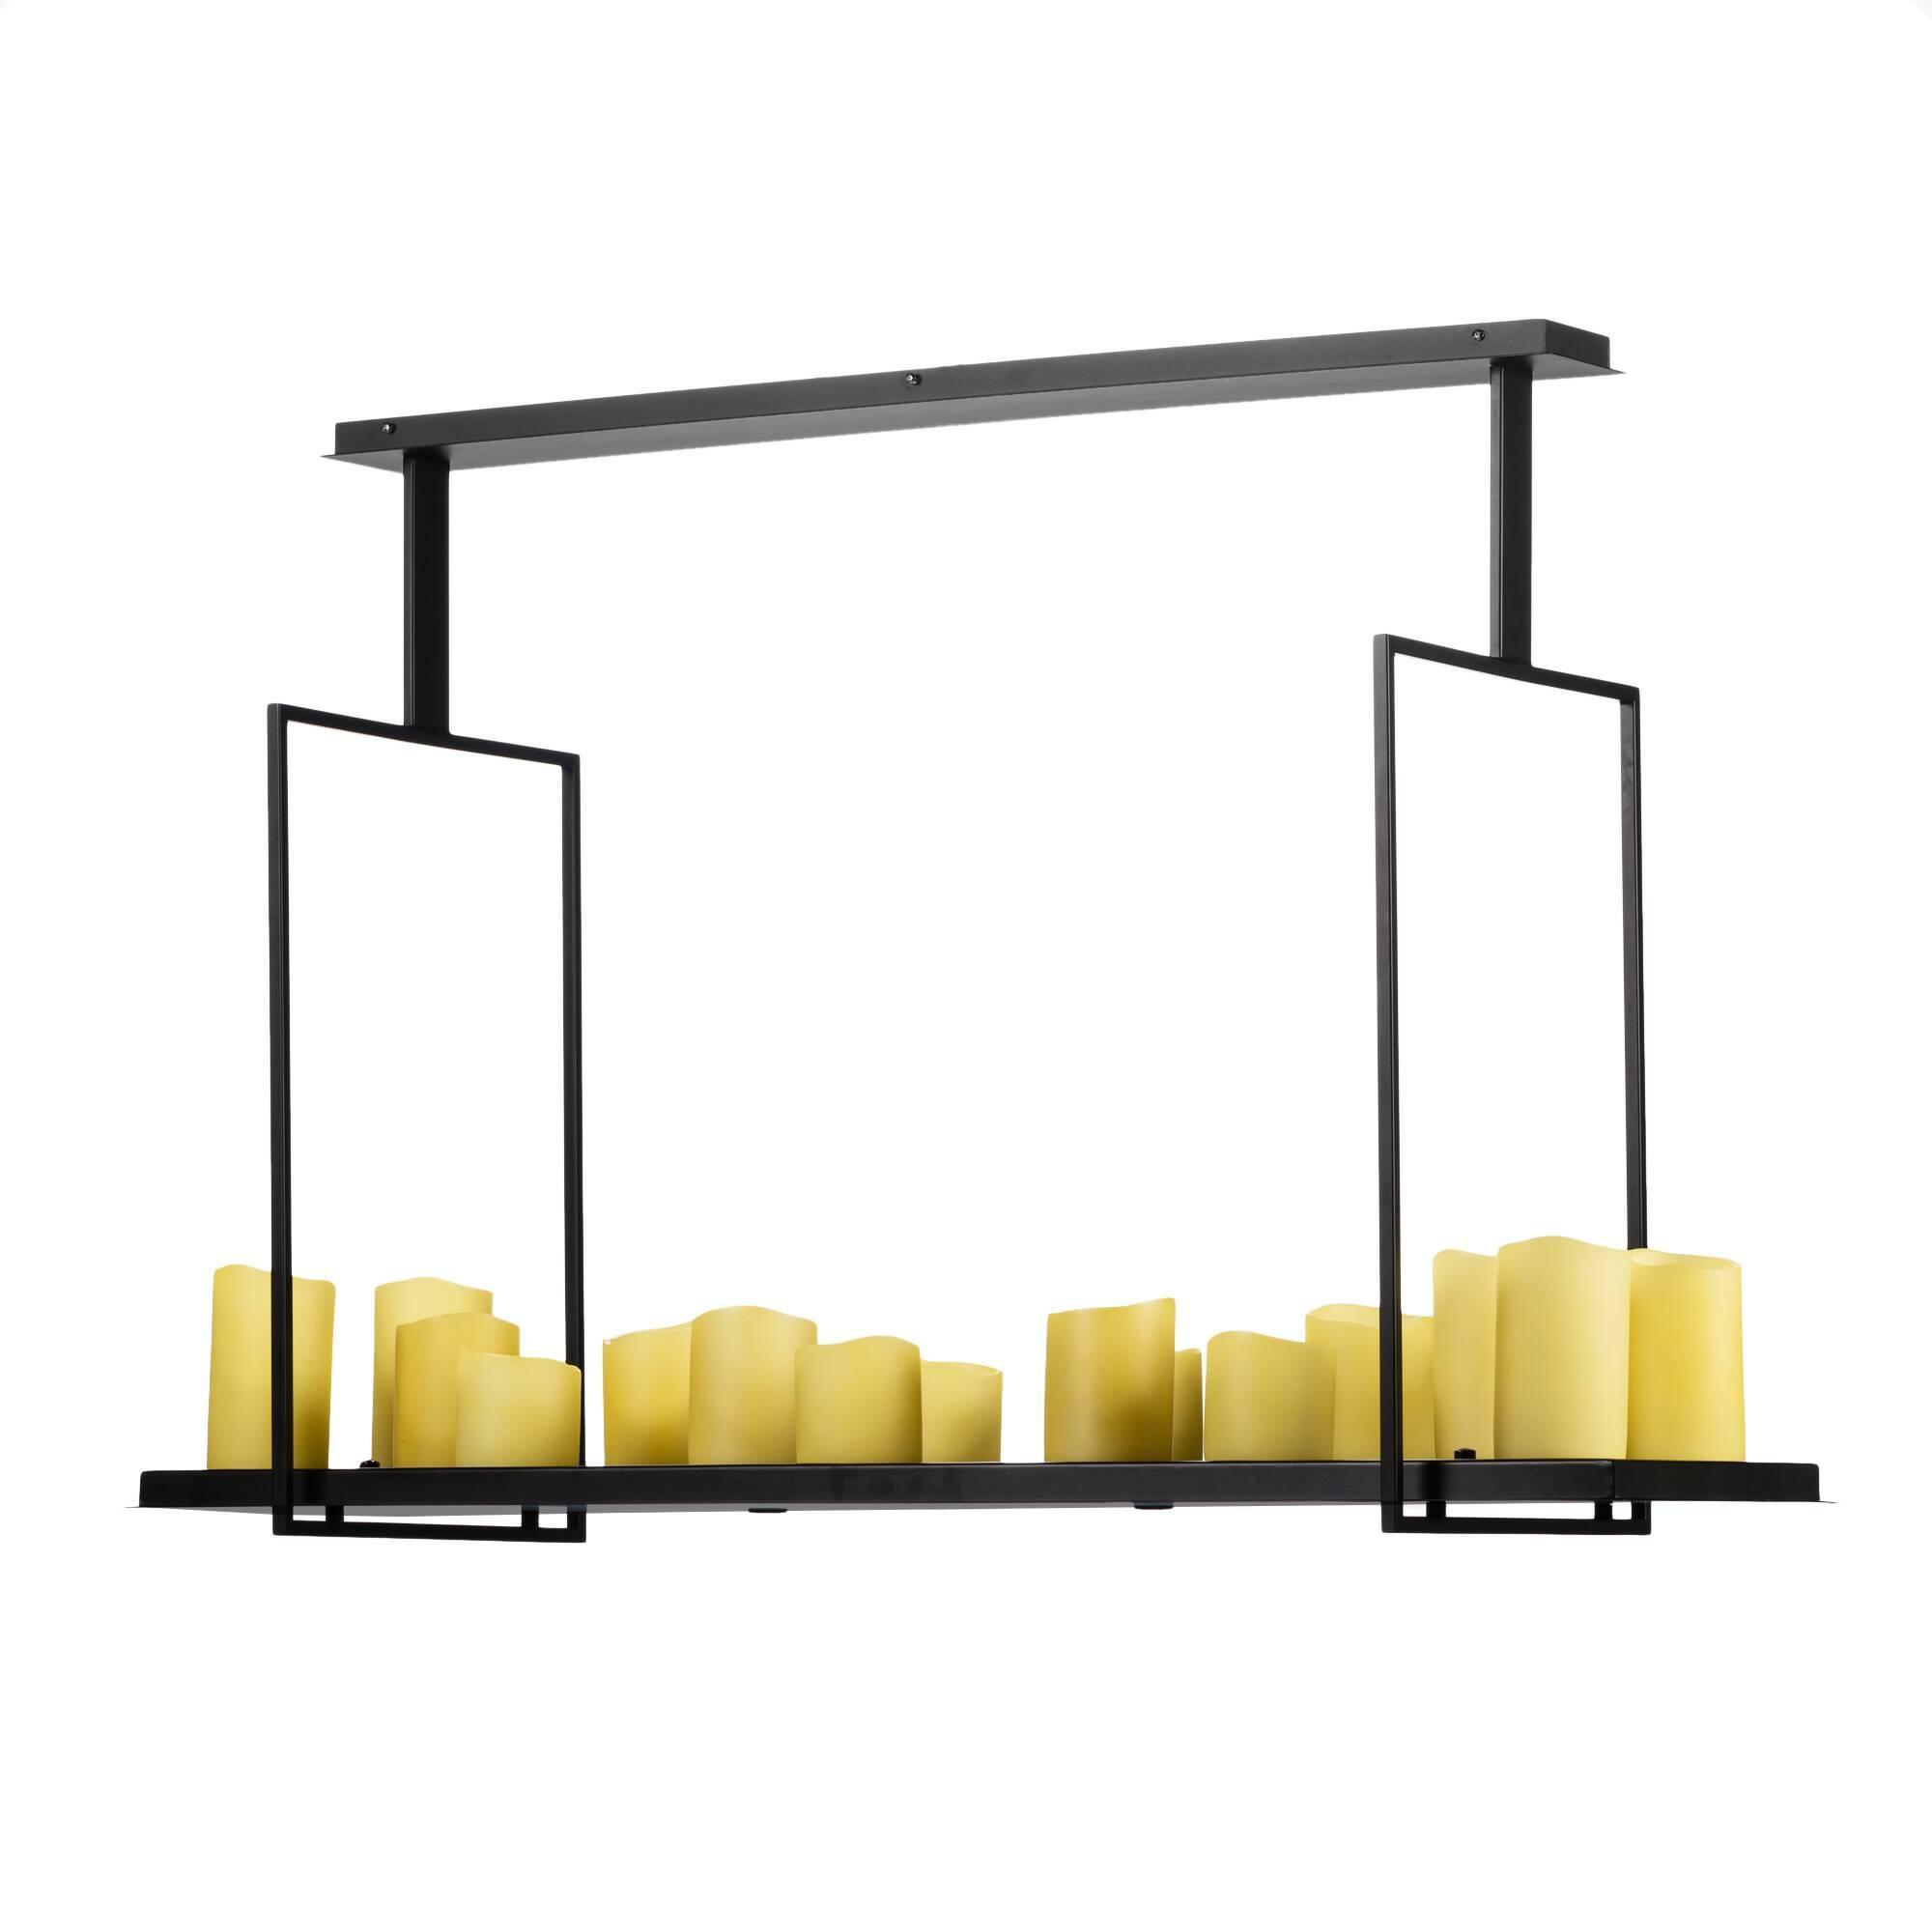 Потолочный светильник Altar 17 ламп IПотолочные<br>Потолочный светильник Altar 17 ламп I изготовлен дизайнером Кевином Райлли из стали, выкрашенной в черный цвет. Для обеспечения максимальной долговечности во время изготовления светильника использовались только современные технологии обработки.<br><br><br> Отличительной чертой потолочного светильника серии Altar является его оригинальная форма. Так, данный аксессуар выполнен в виде металлической подставки со свечами, подвешиваемой к потолку, при этом «свечи» излучают яркий электрический свет.<br><br>stock: 0<br>Высота: 82,5<br>Ширина: 40<br>Длина: 123<br>Количество ламп: 17<br>Материал абажура: Полистоун<br>Материал арматуры: Сталь<br>Мощность лампы: 1<br>Ламп в комплекте: Нет<br>Тип лампы/цоколь: LED<br>Цвет абажура: Черный